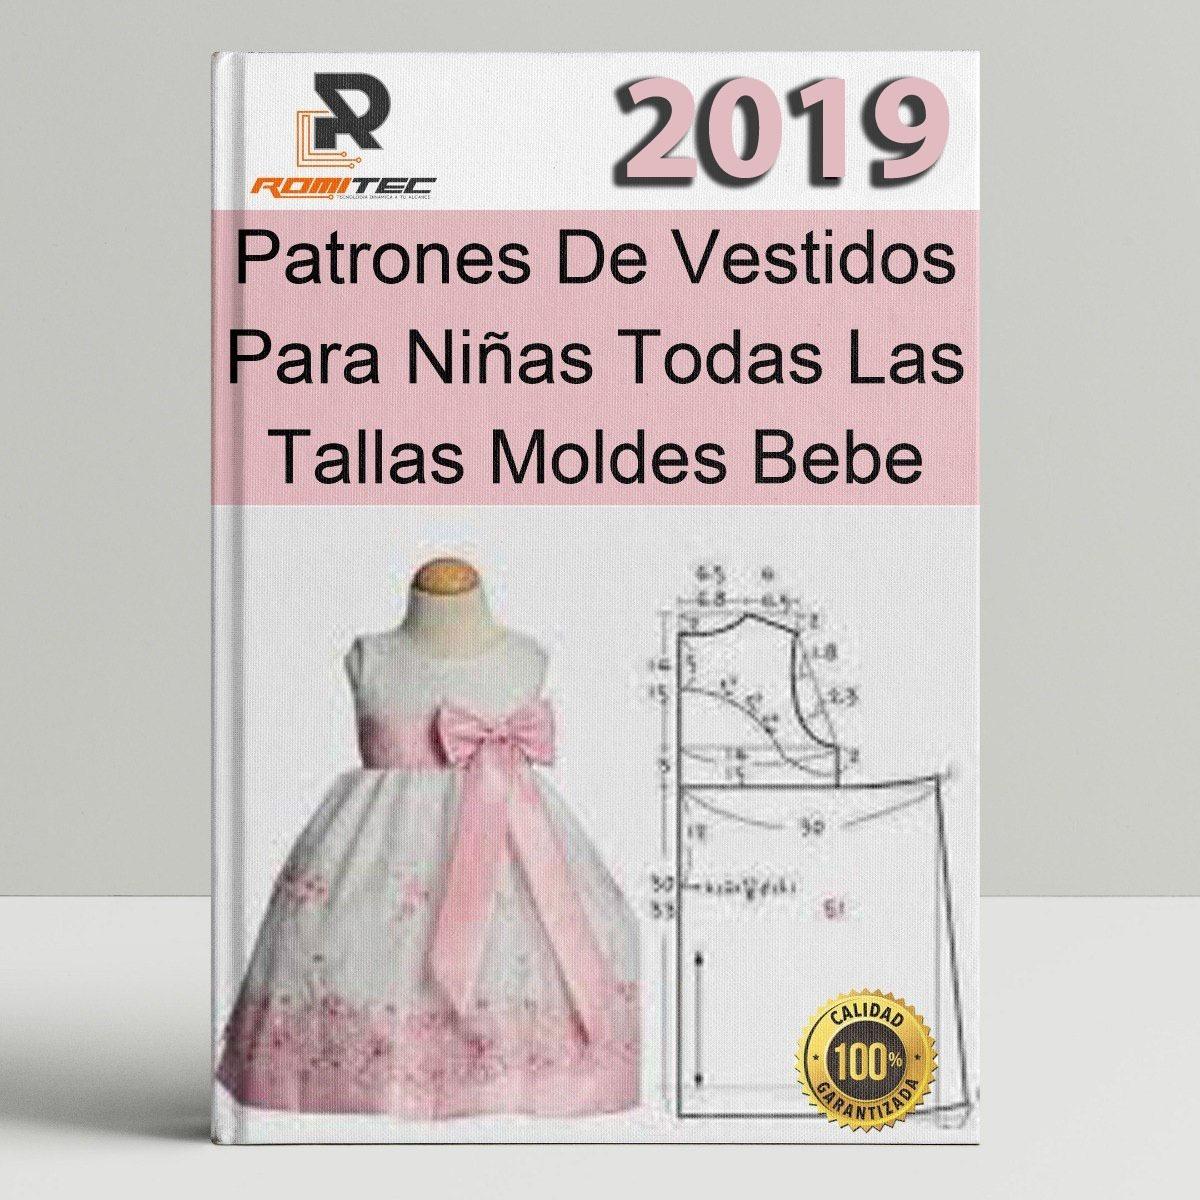 caf42710f5ba 2x1 Curso Corte Costura Confección Patrones Pack 61 Libros.